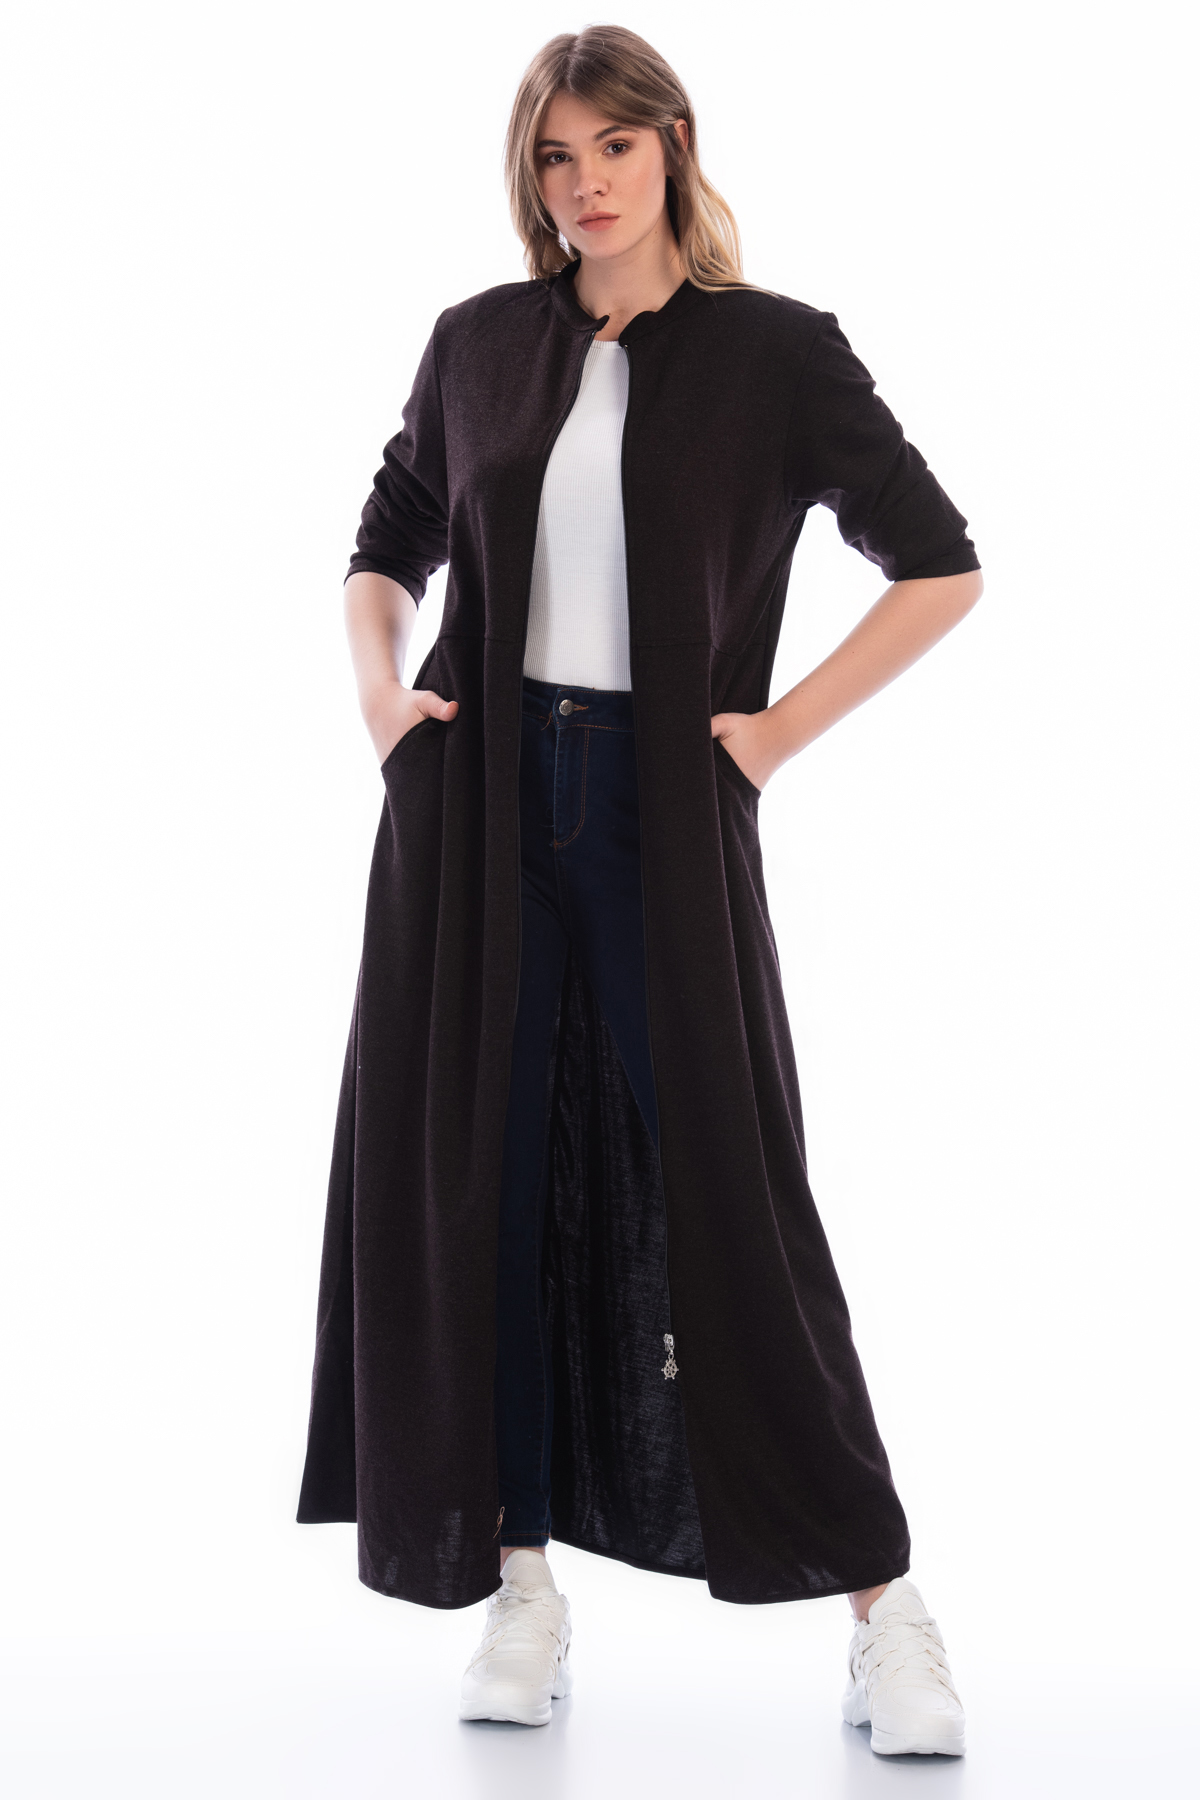 Women's Oversize Zipped Brown Topcoat